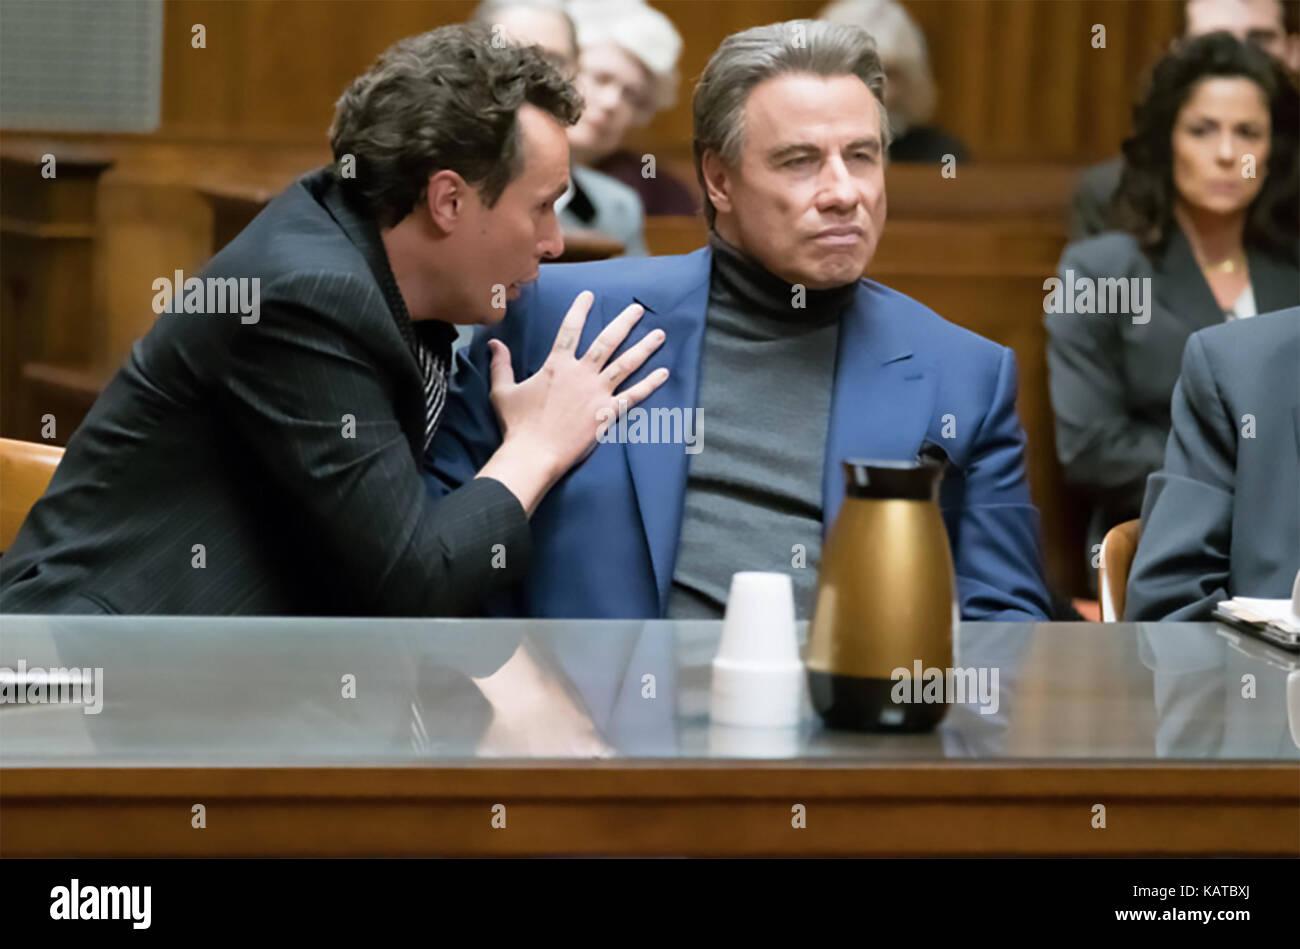 Gotti 2017 Lionsgate premiere film con John Travolta Immagini Stock